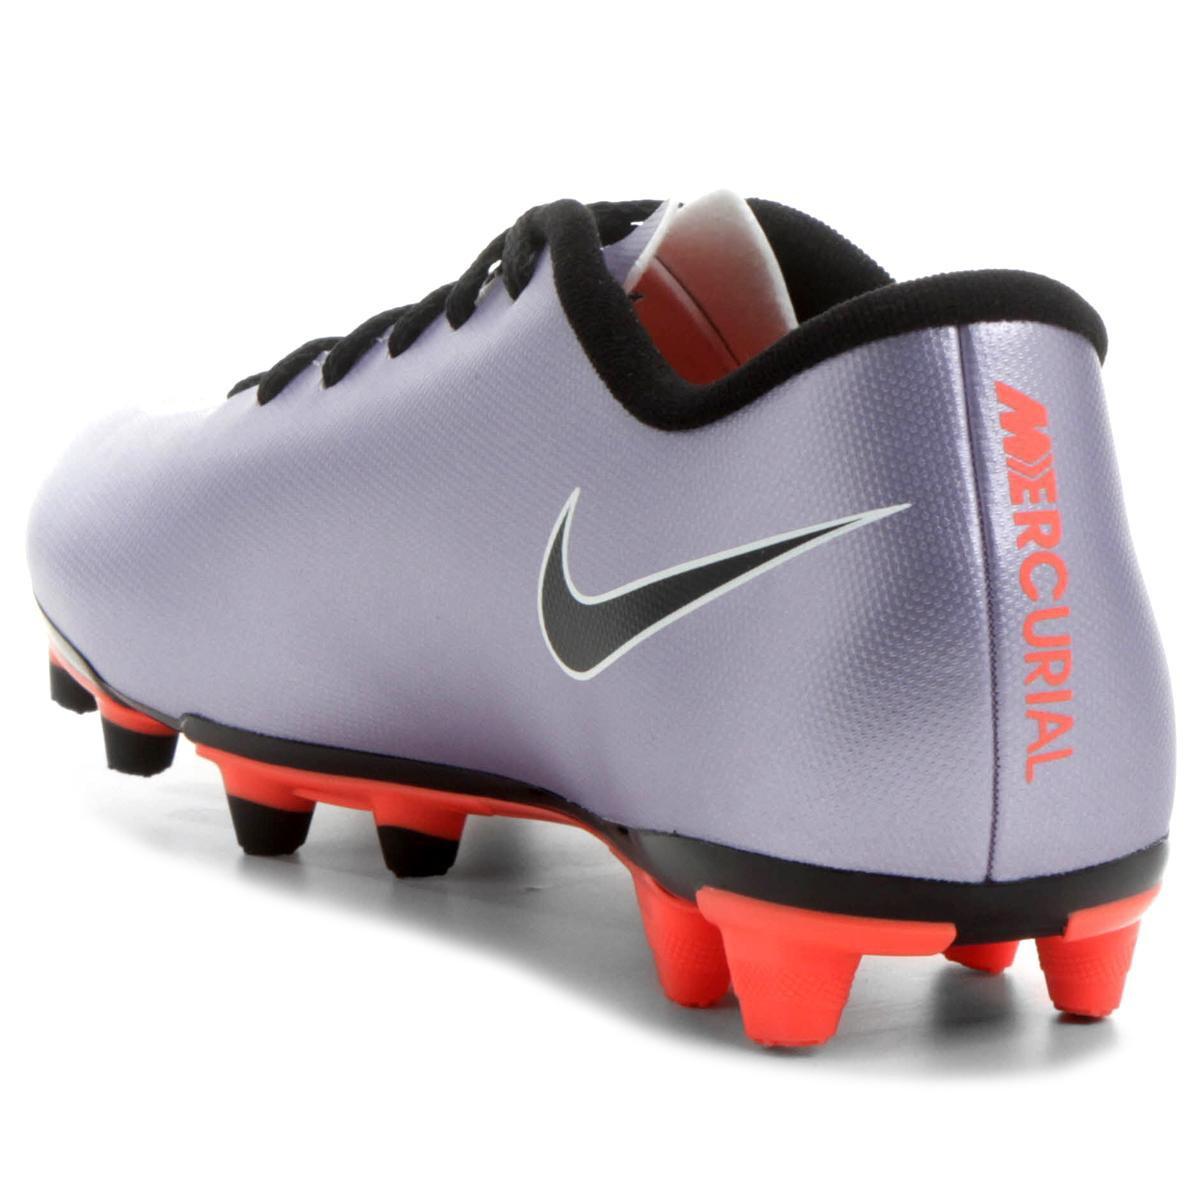 Chuteira Campo Nike Mercurial Vortex 2 FG Masculina - Compre Agora ... fbe0b8b20f8d4